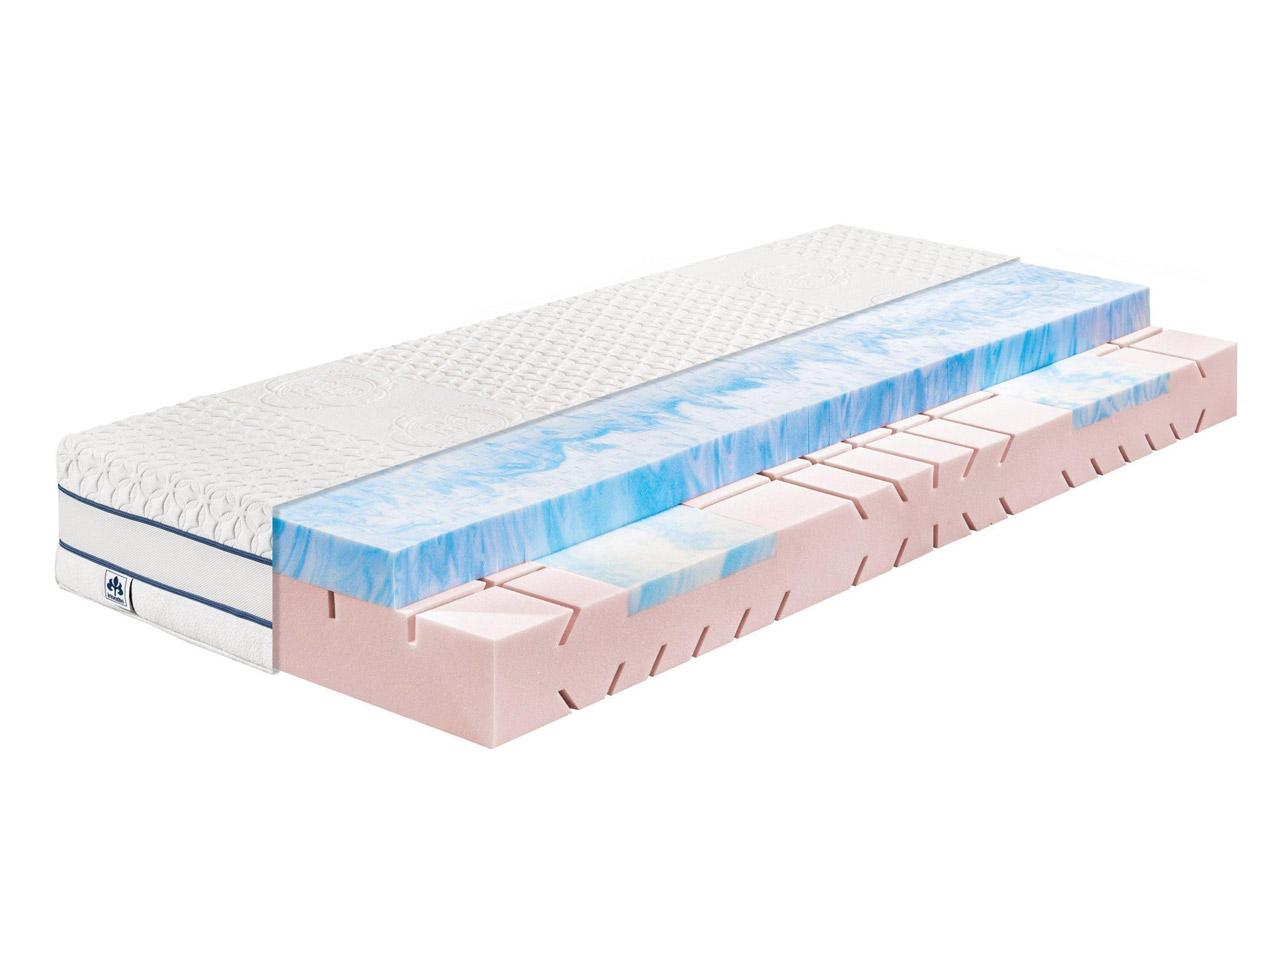 irisette kaltschaum matratze comfort ks mit gel active auflage. Black Bedroom Furniture Sets. Home Design Ideas